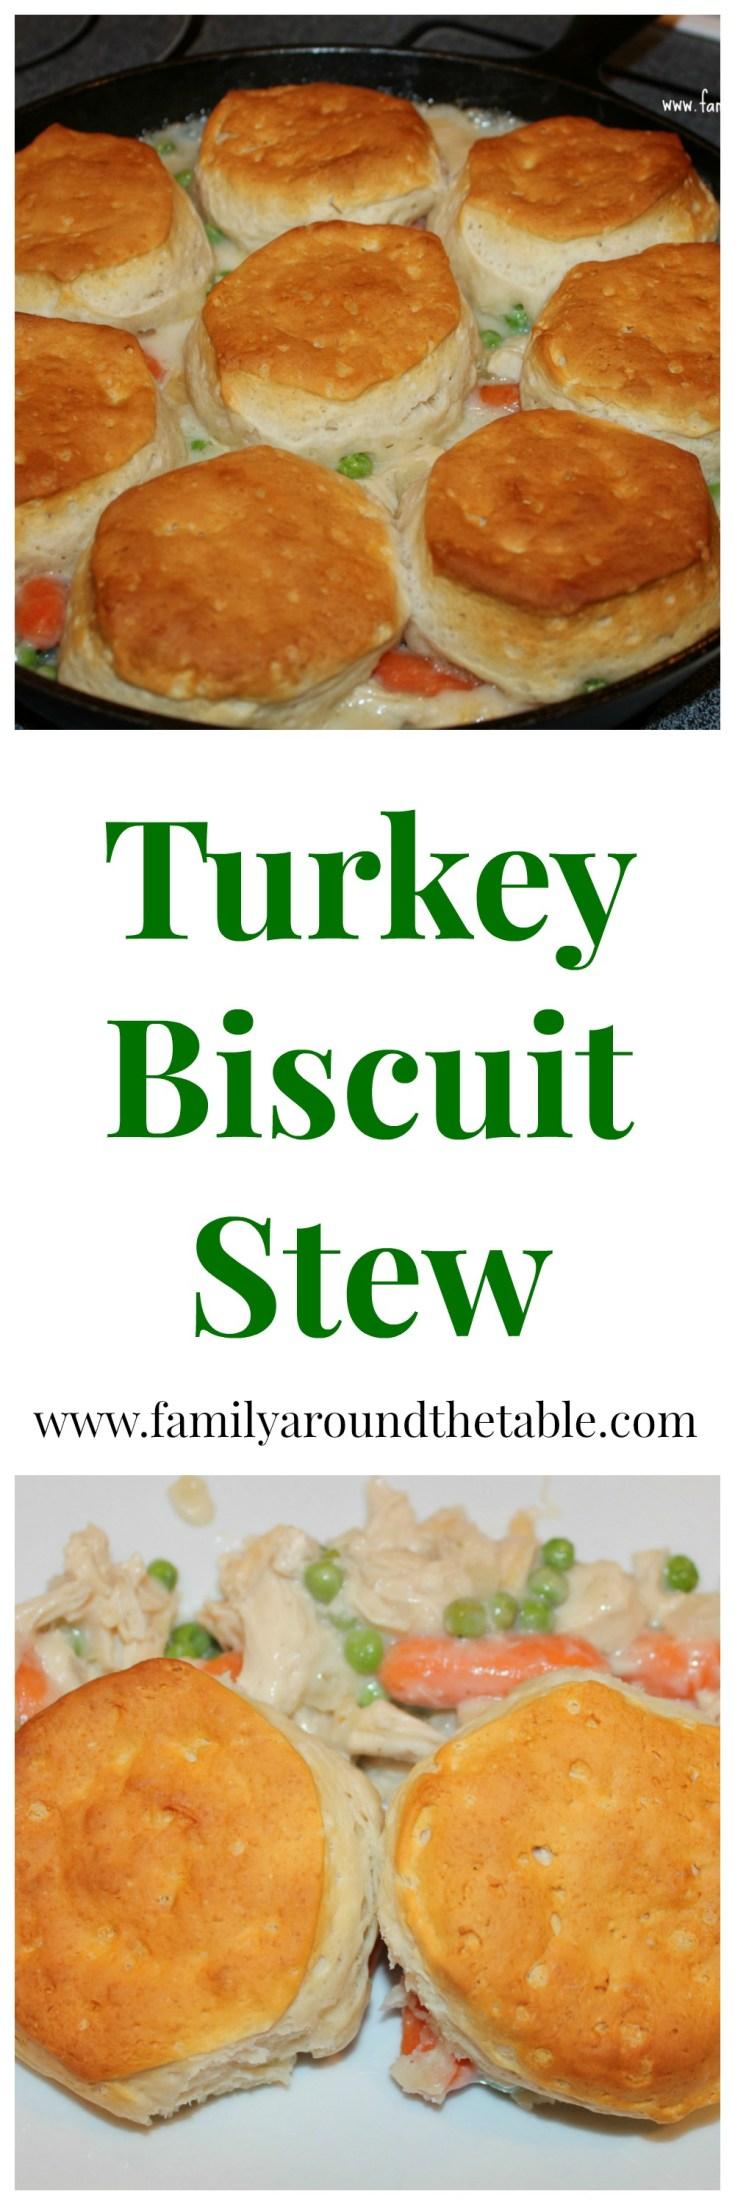 Turkey Biscuit Stew is comfort food!